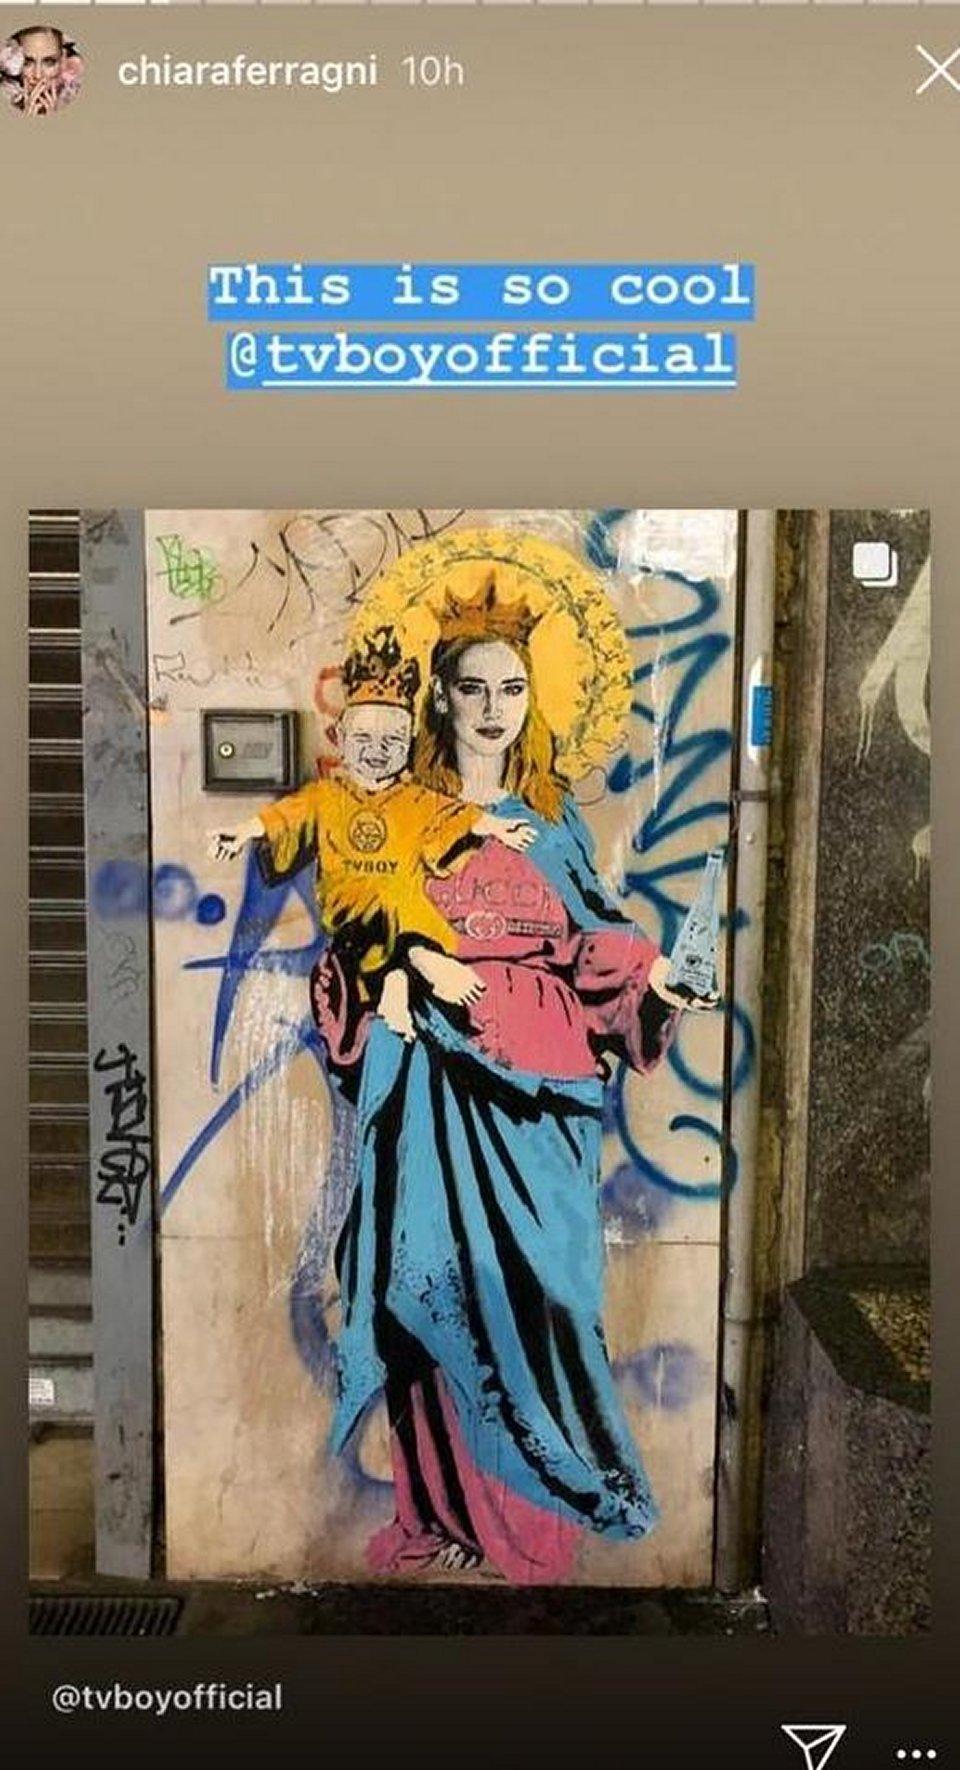 A Milano spunta un murales di Chiara Ferragni e il figlio Leone